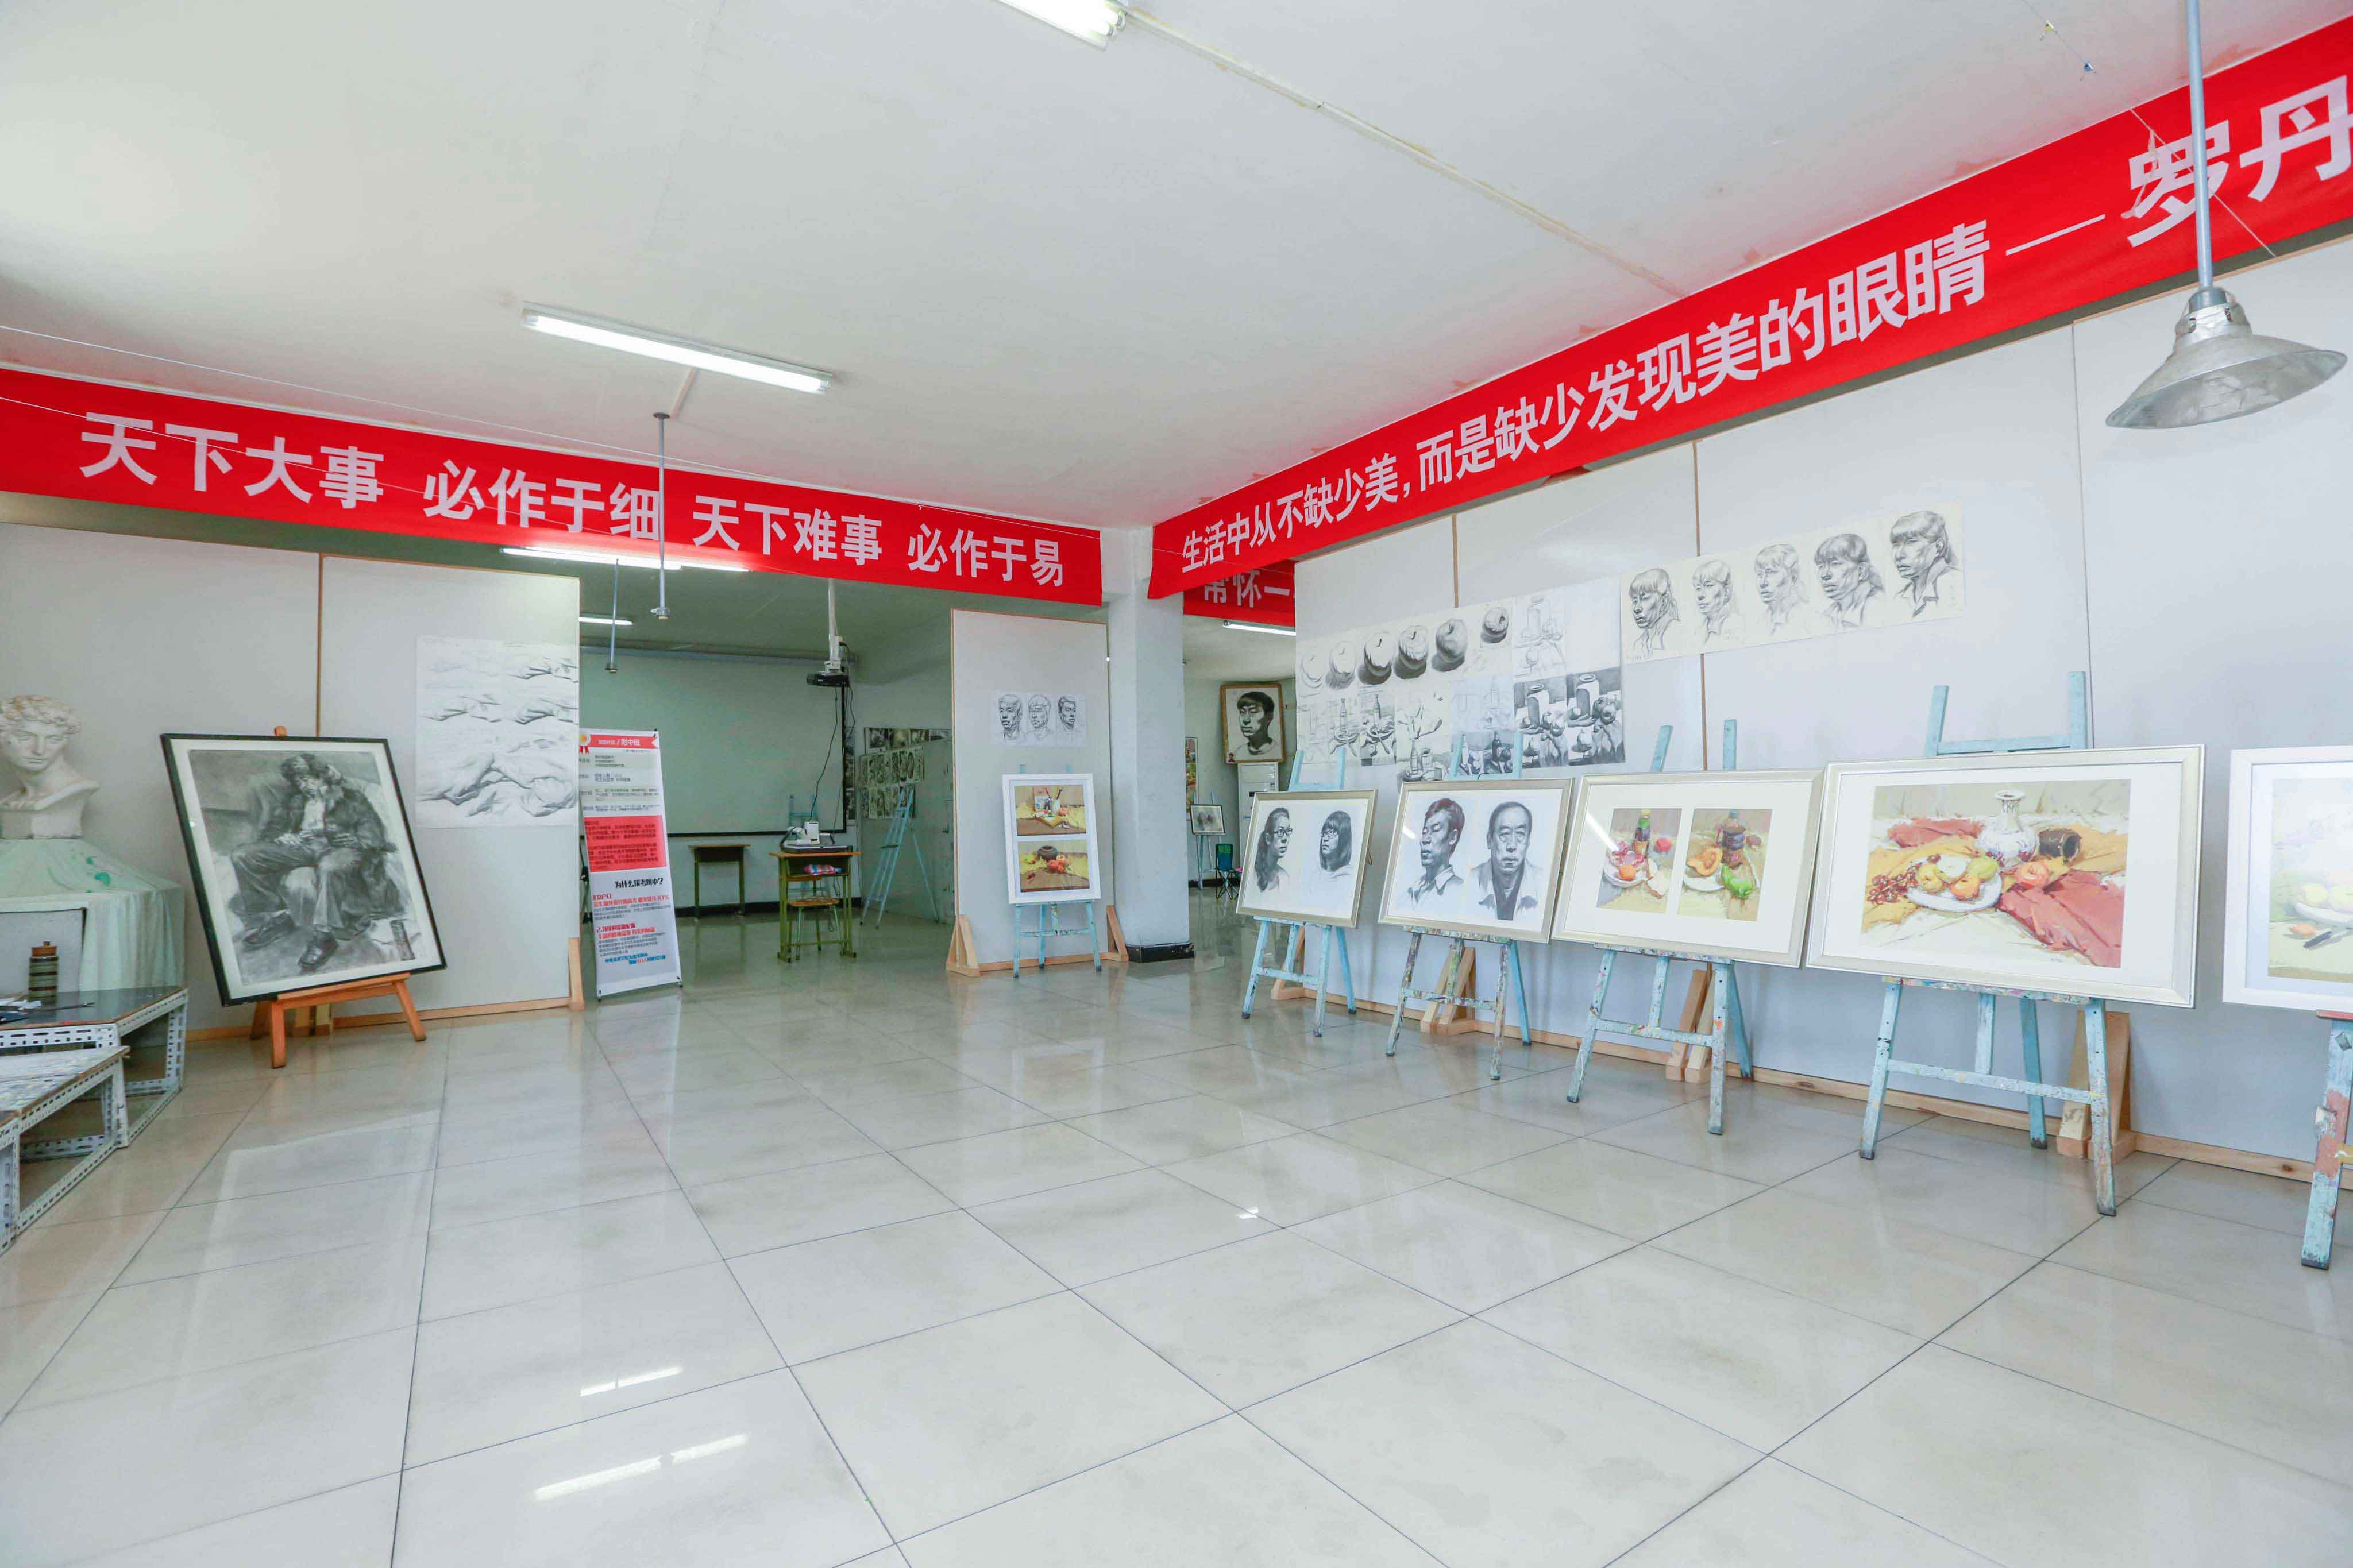 北京画室_北京南街8号画室环境3